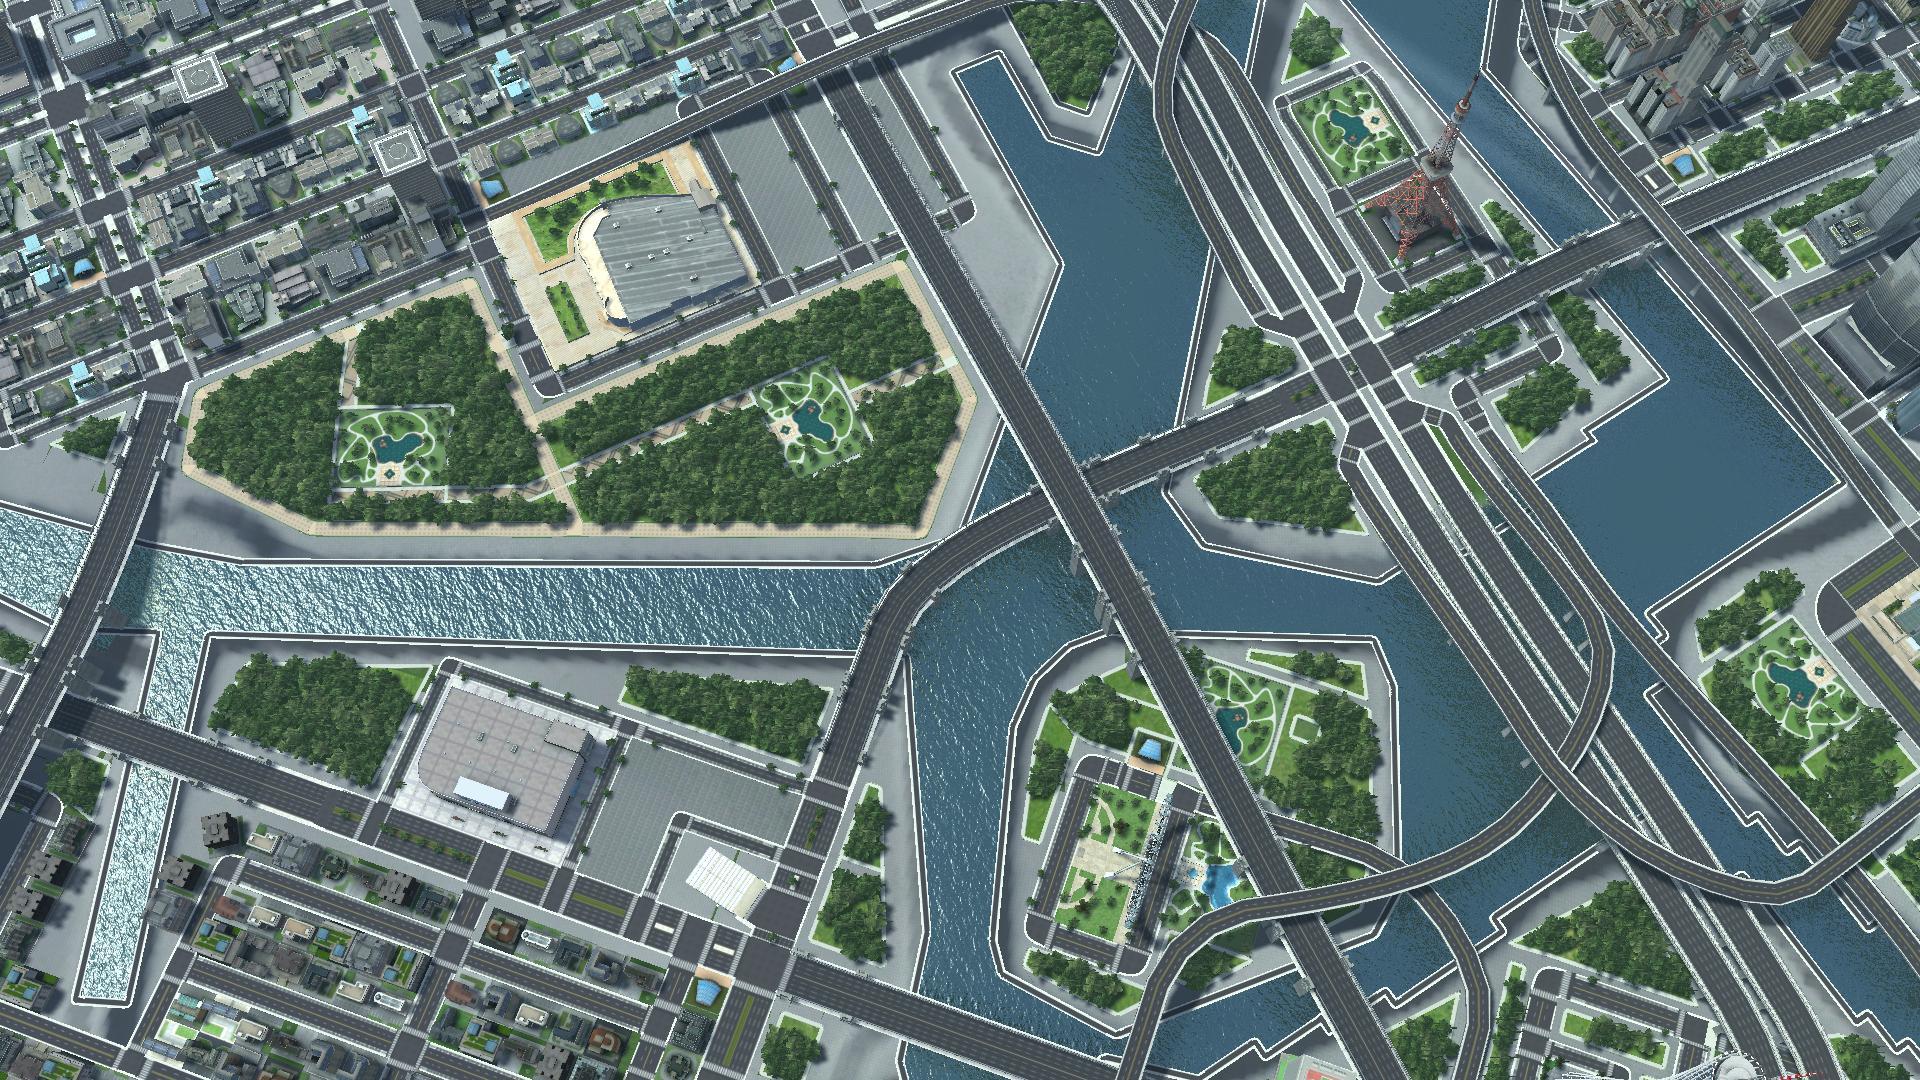 CitiesXL_2012 2014-11-06 16-50-47-87.jpg